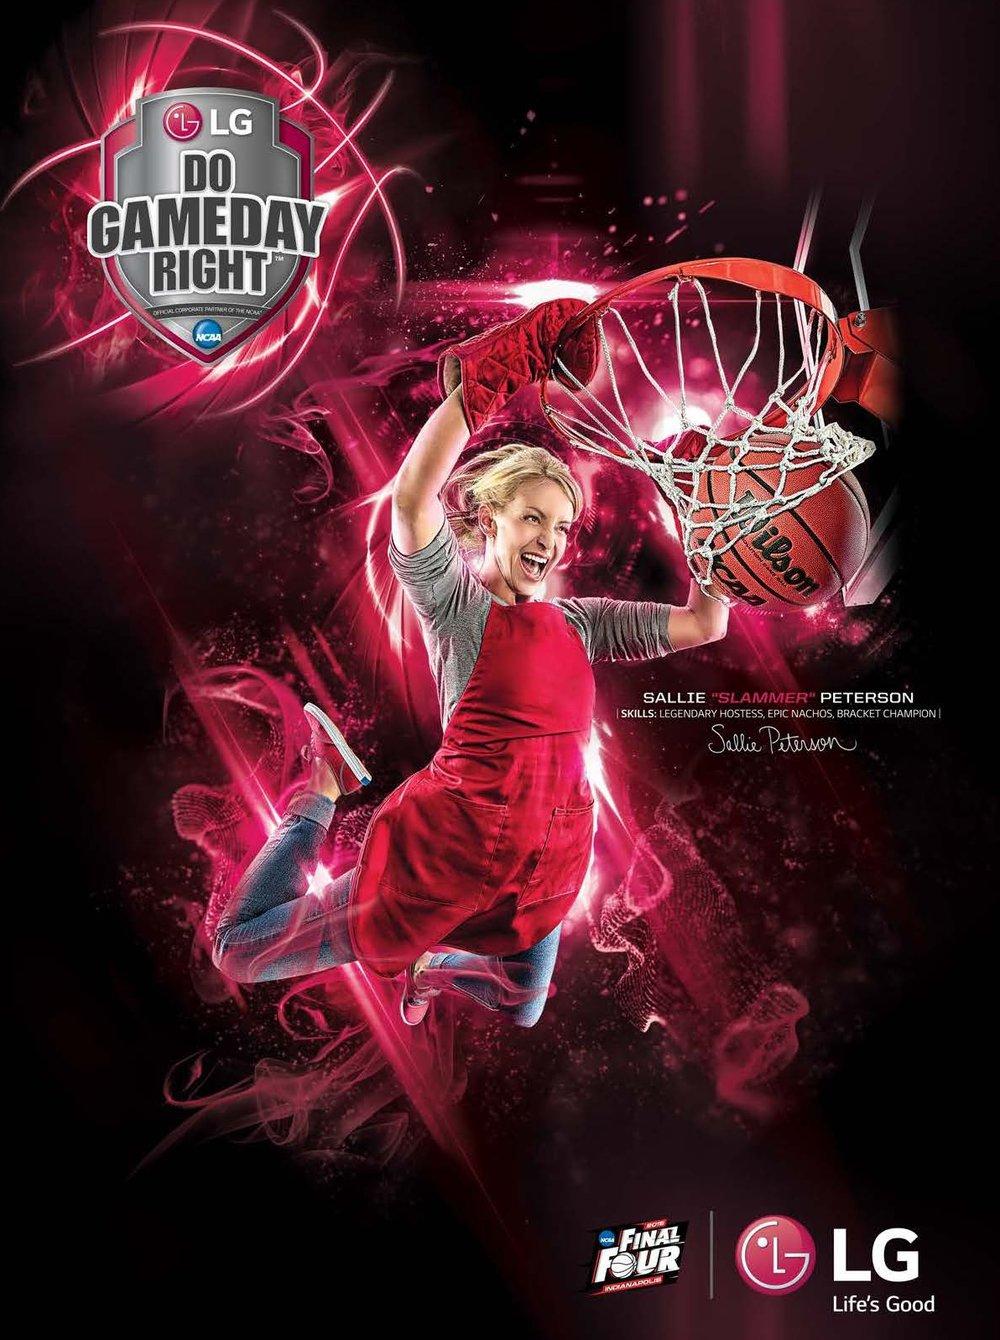 LG_HA_Basketball Poster.jpg